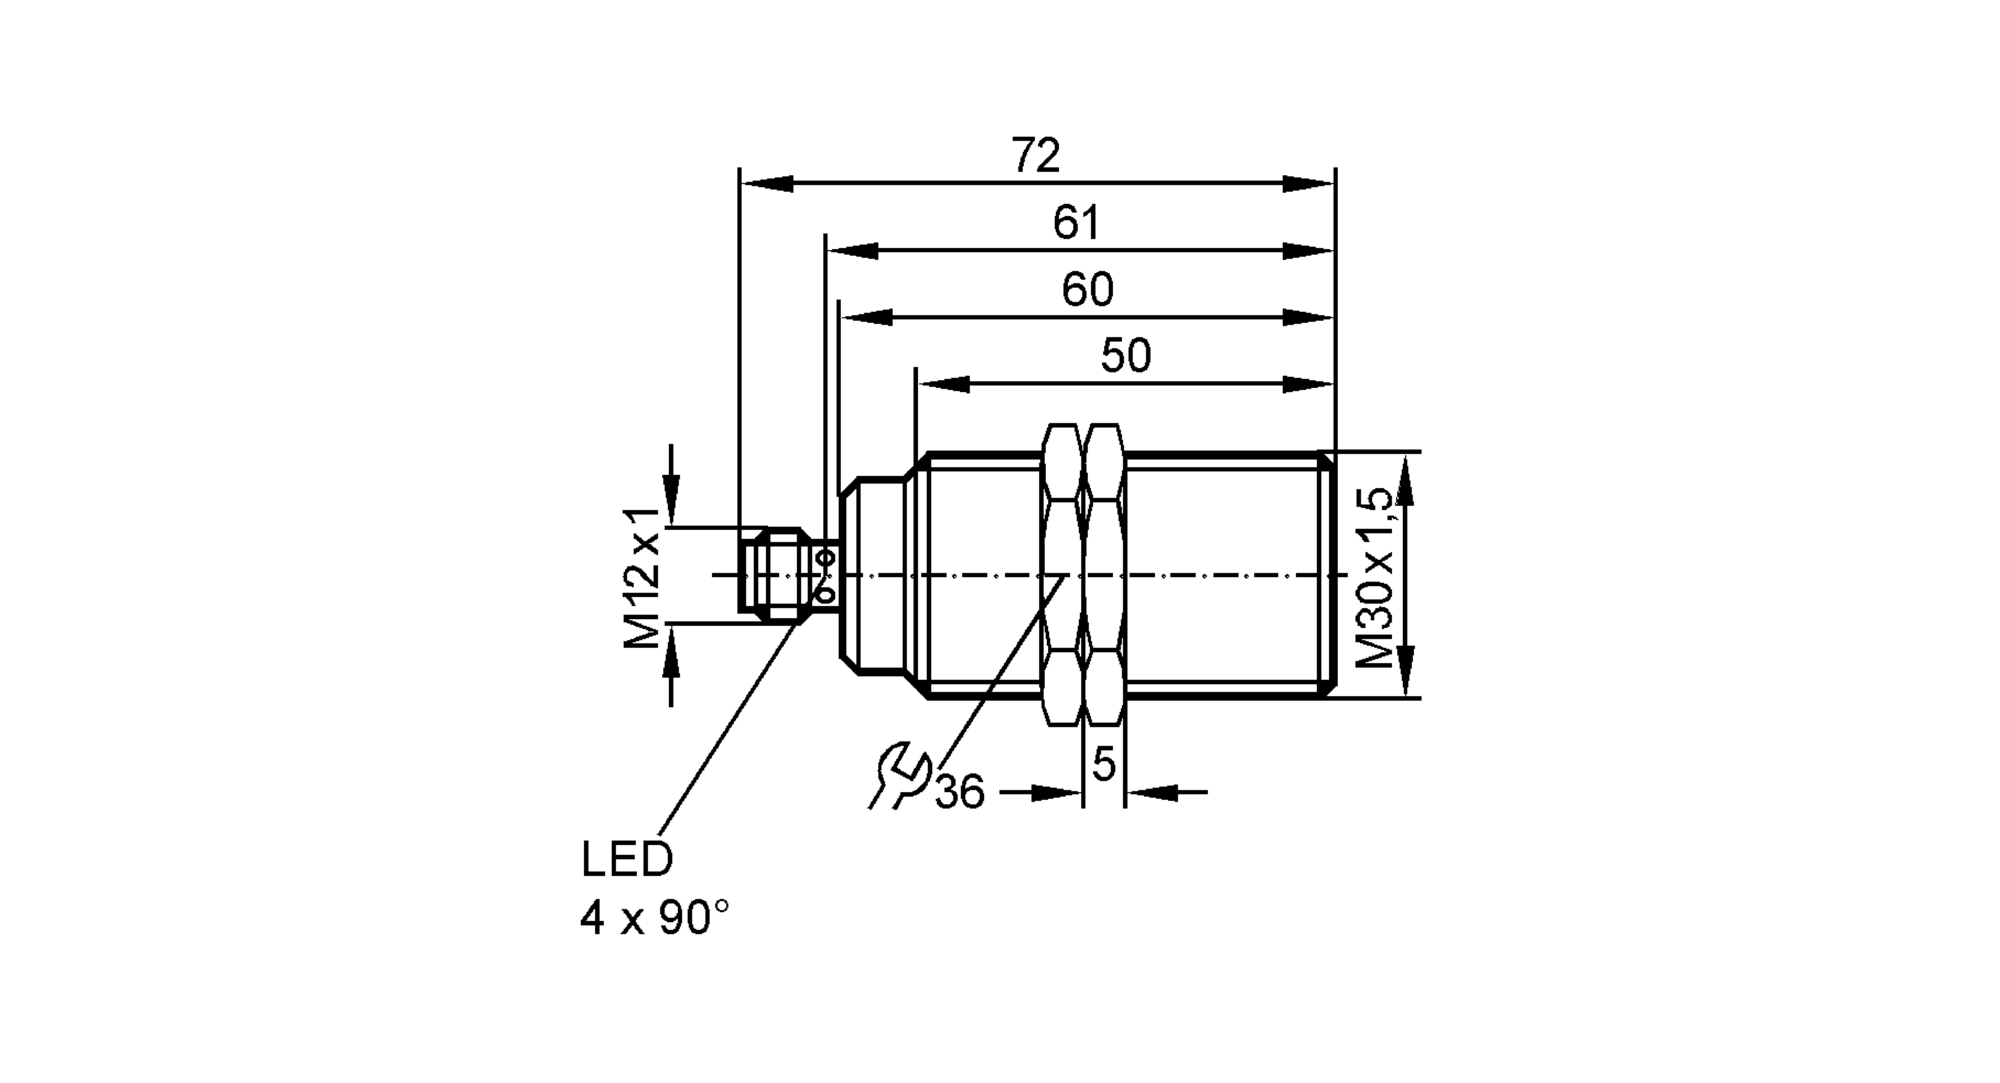 ii5742 - inductive sensor